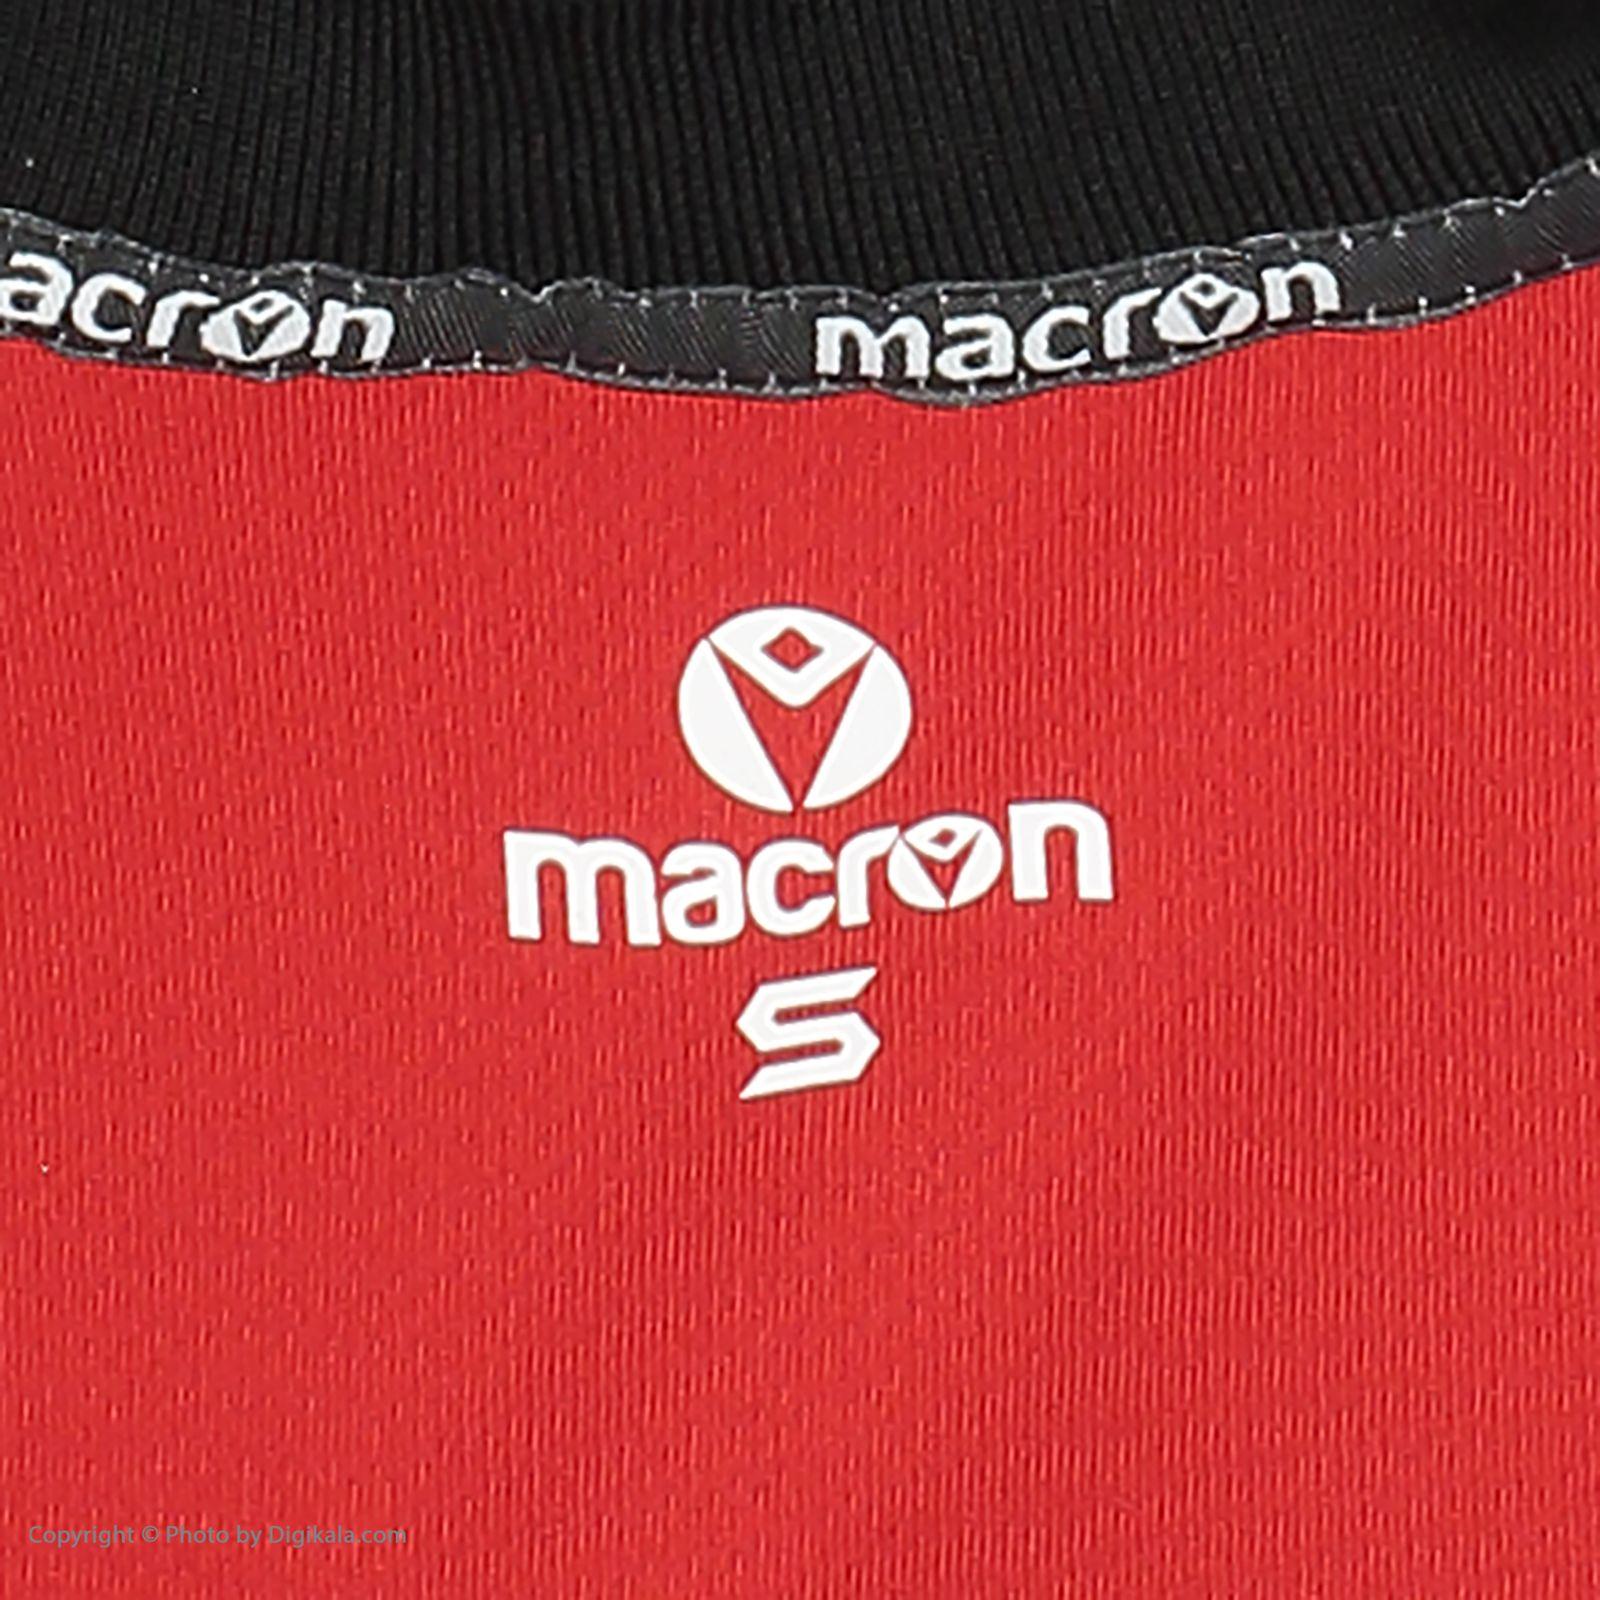 پولوشرت ورزشی مردانه مکرون مدل شوفار کد 35020-99 -  - 6